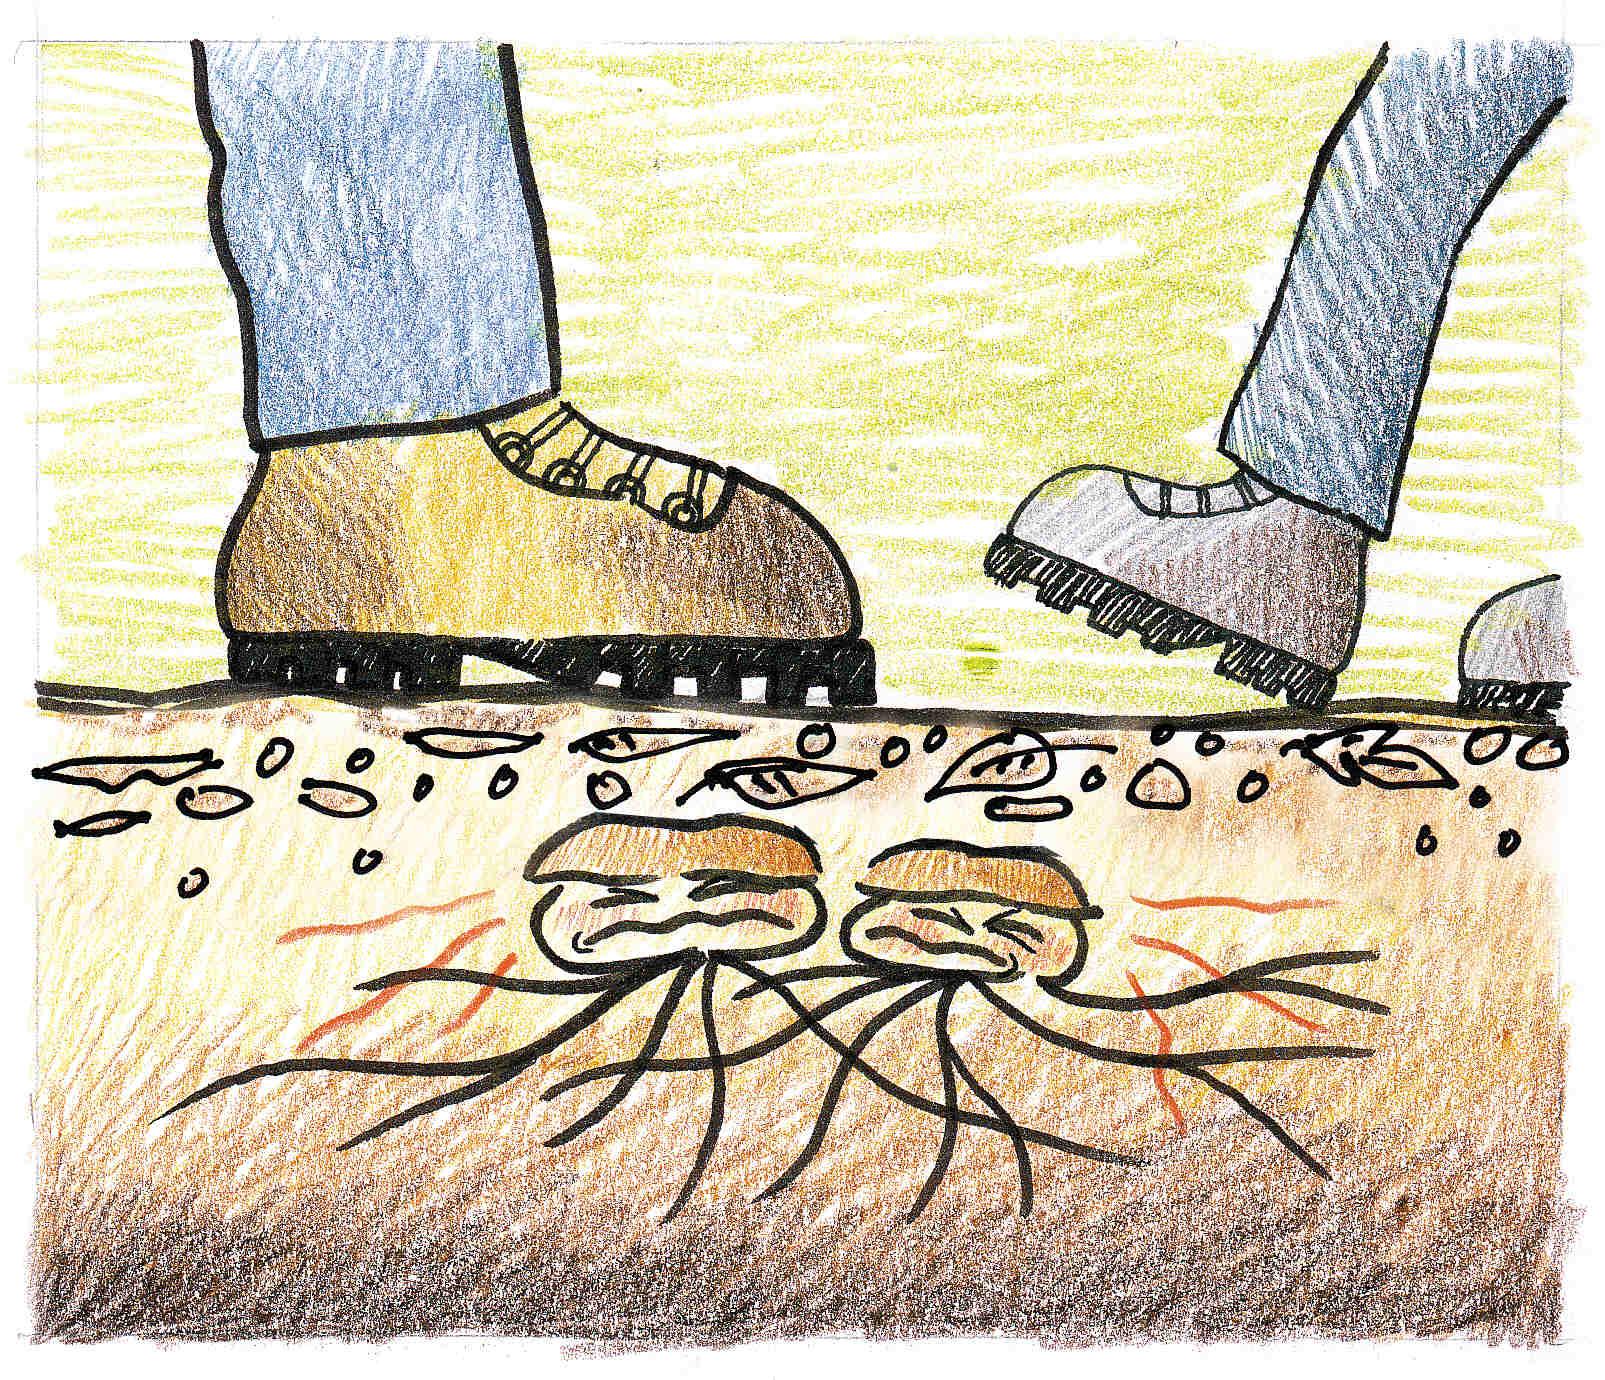 Ilustración Gorka Gorospe - El continuo trasiego de personas puede compactar en exceso los suelos